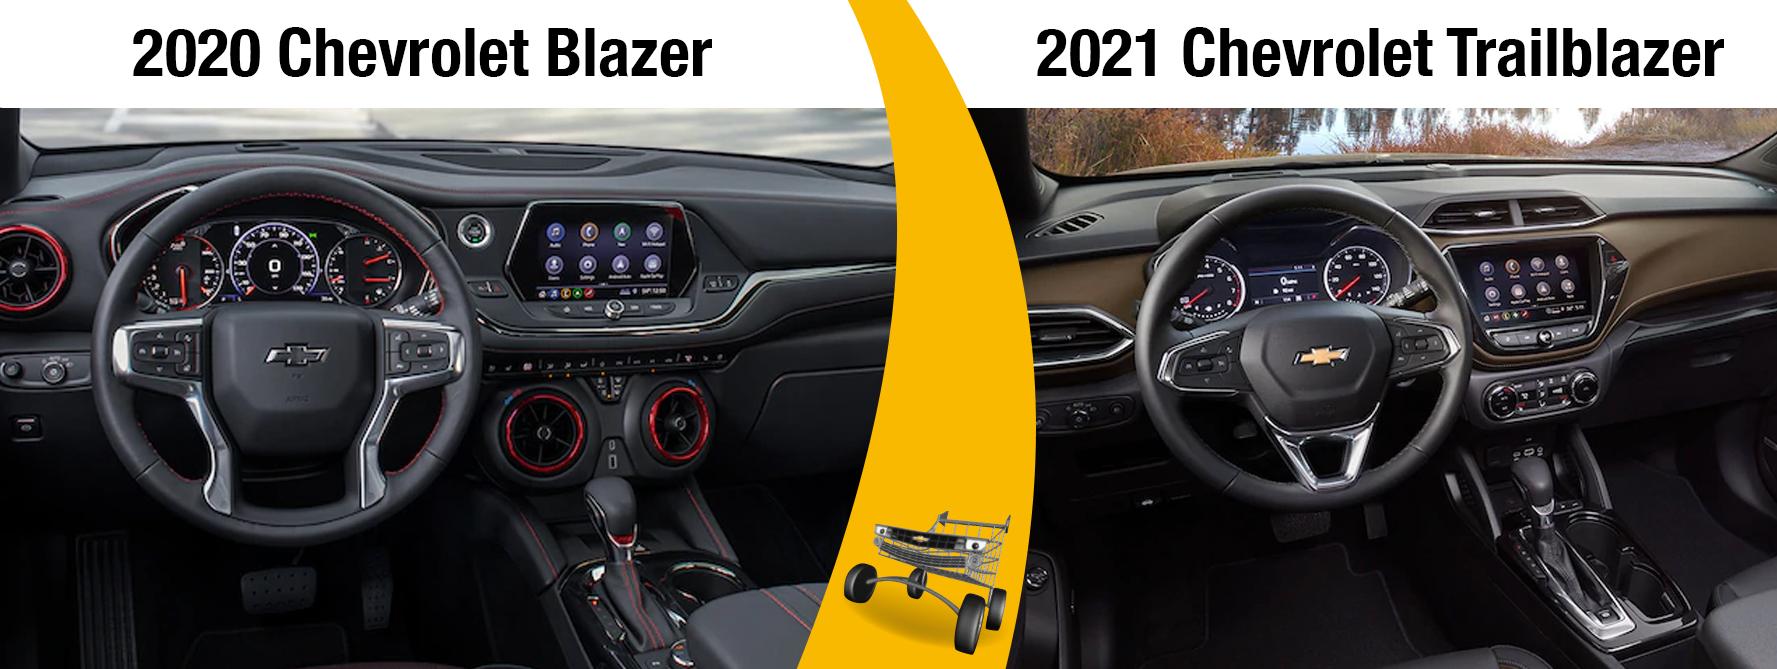 Chevrolet of Homewood New 2020 Chevy Blazer